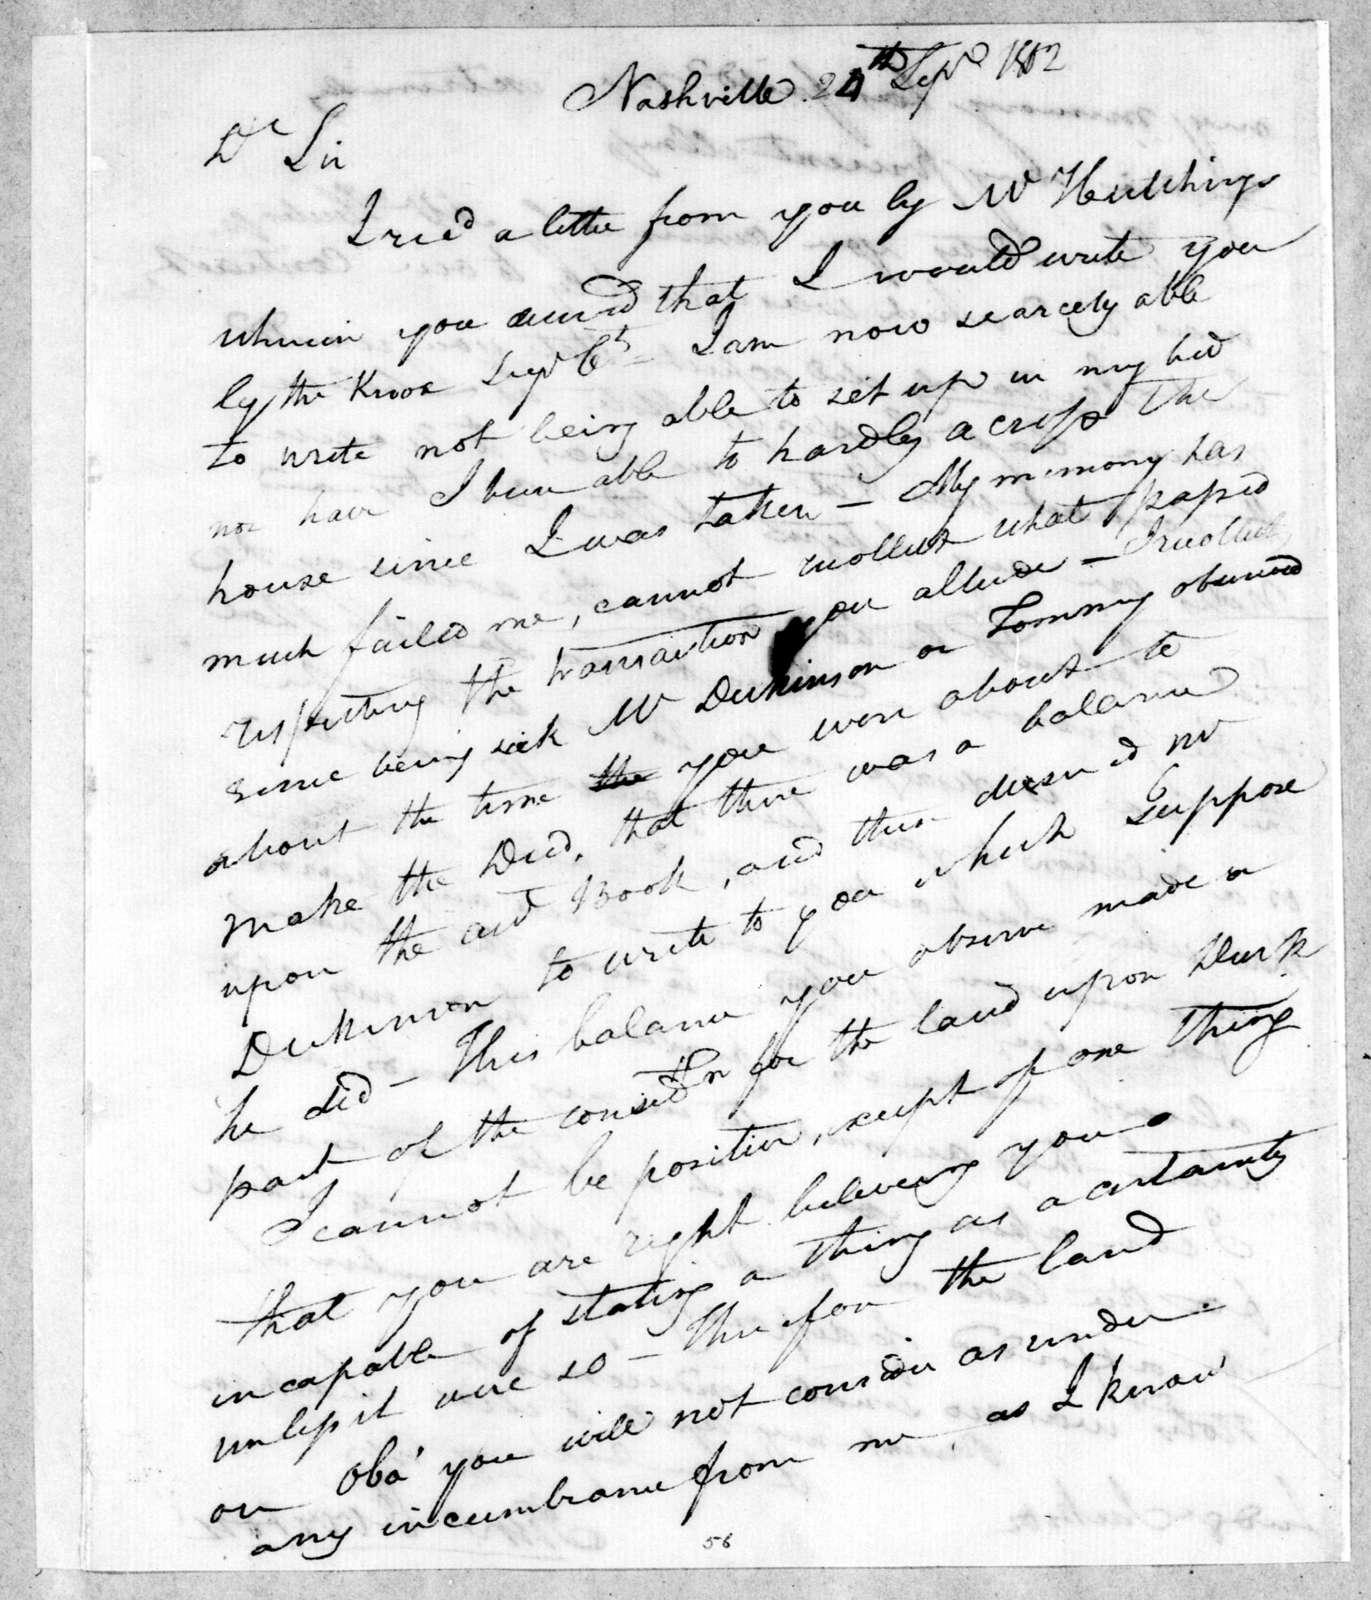 John Overton to Andrew Jackson, September 24, 1802